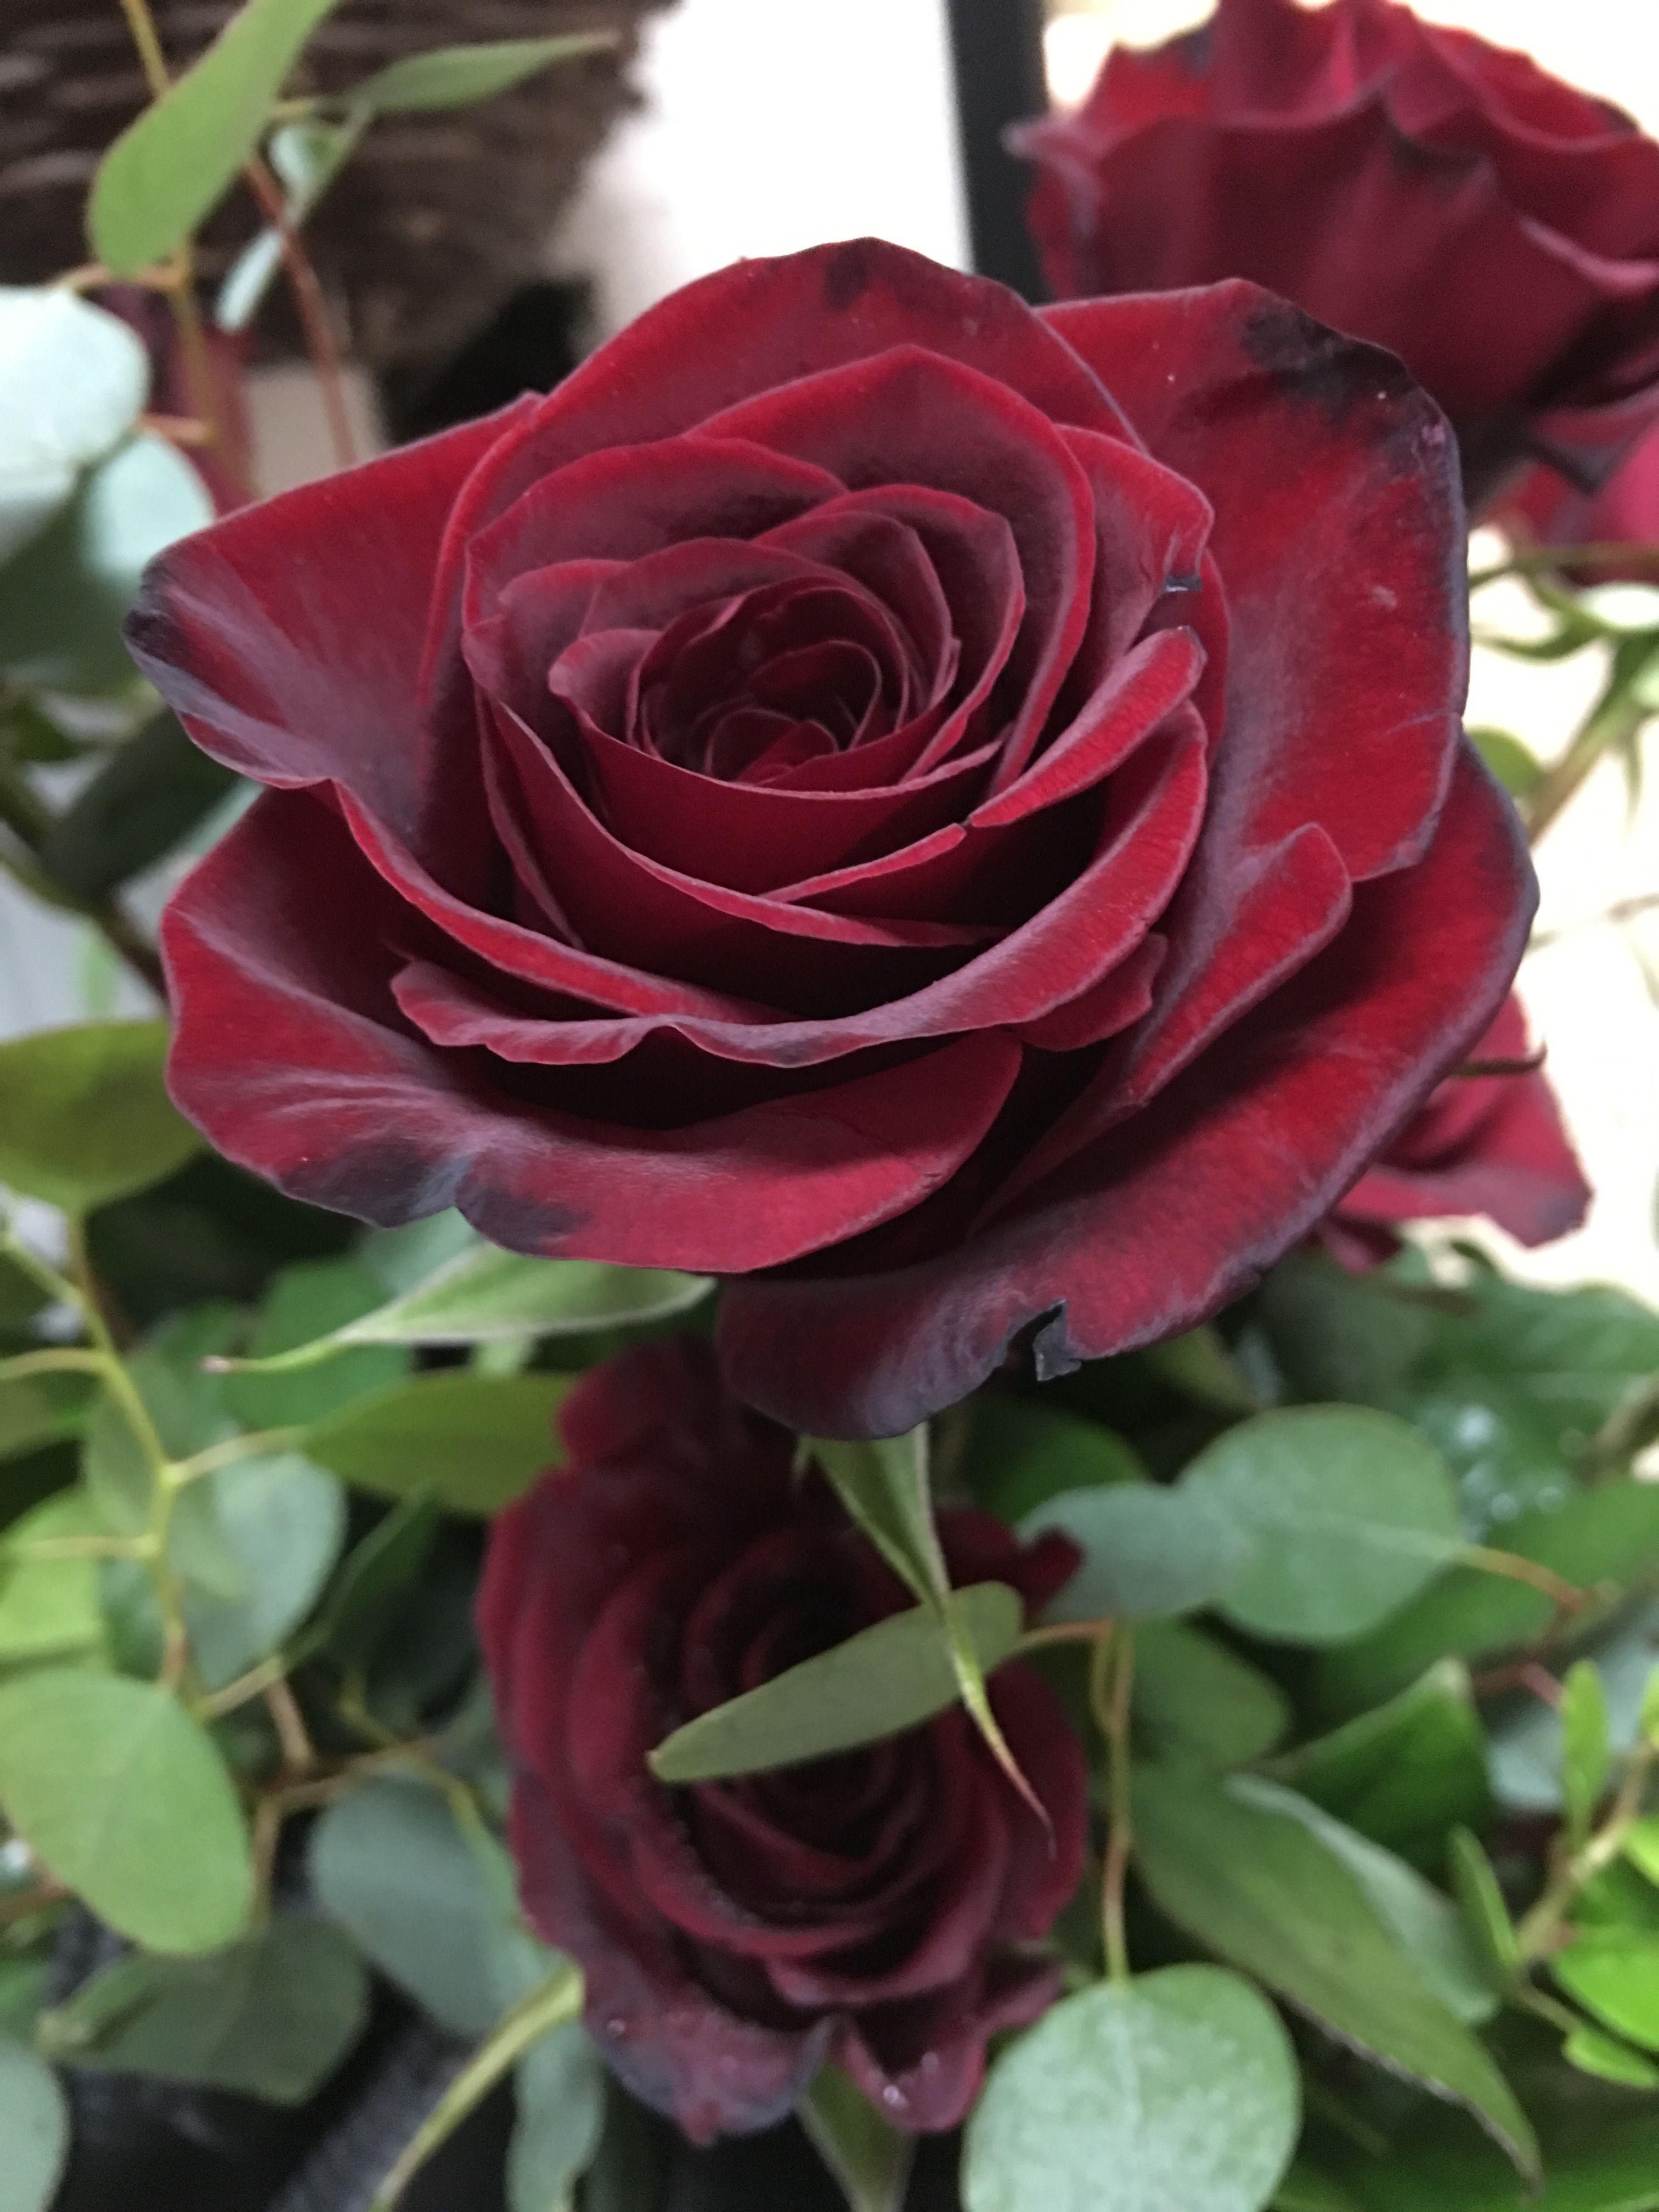 розы блэк бордо фото подборку картинок открыток